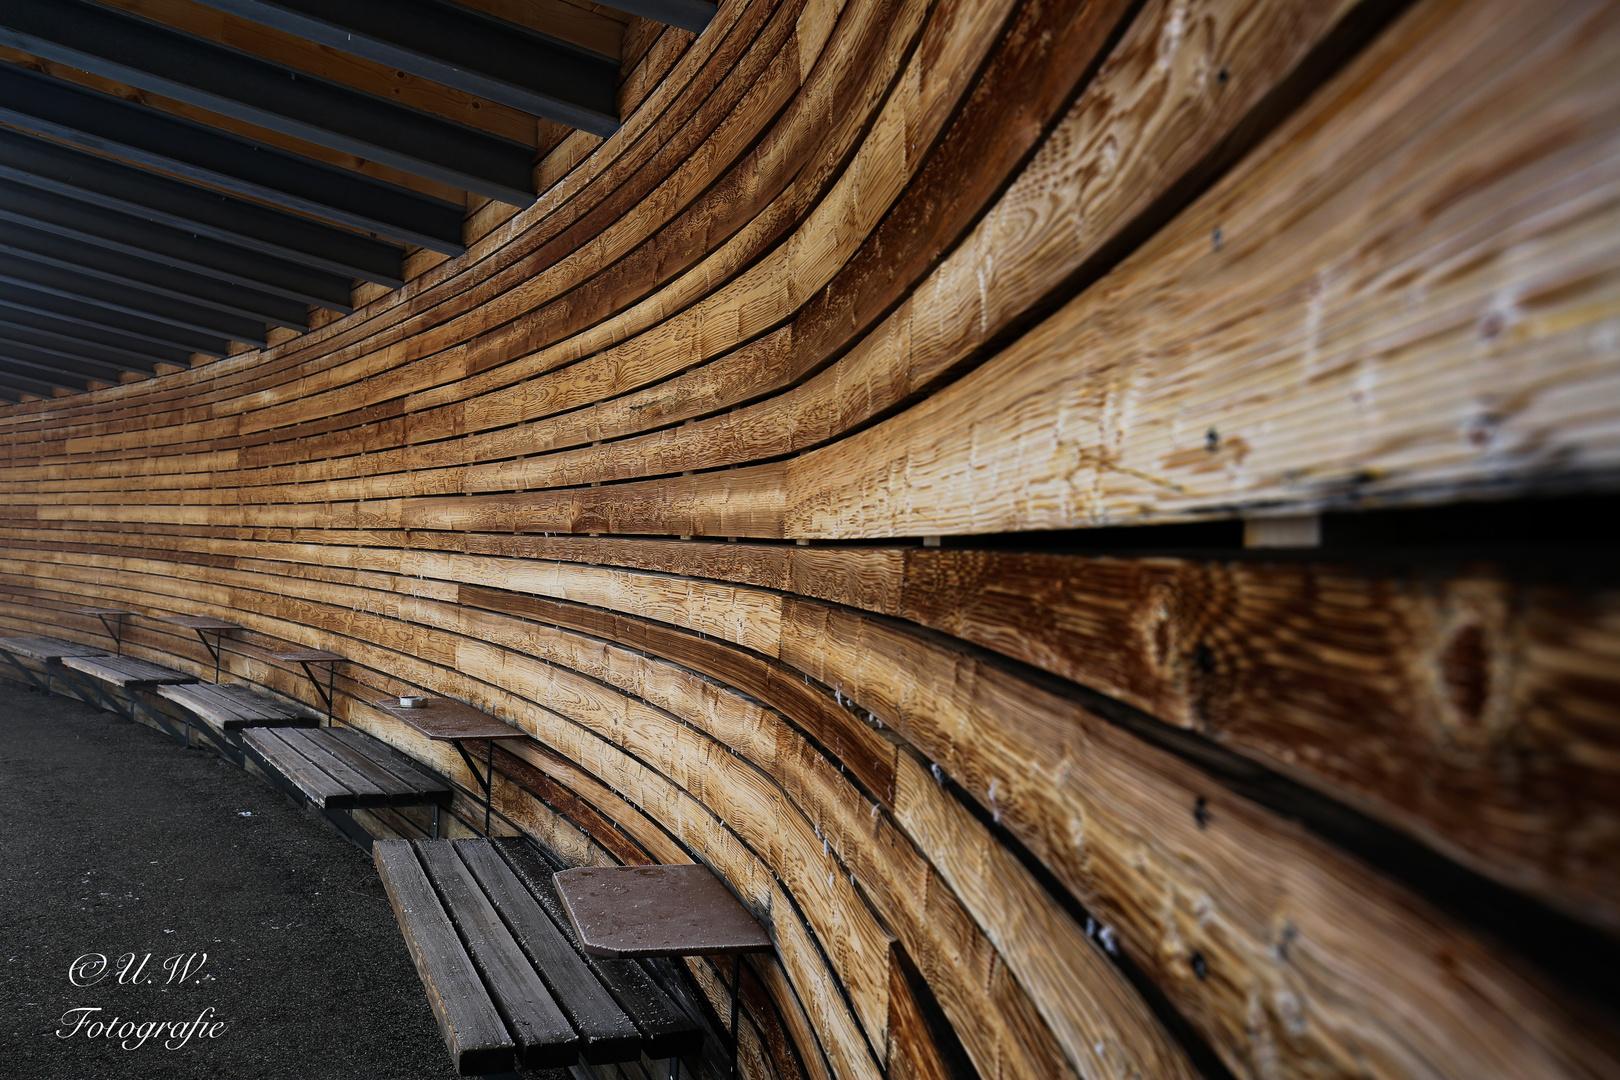 Holzwand foto bild stillleben holzfiguren natur bilder auf fotocommunity - Holzwand innen ...